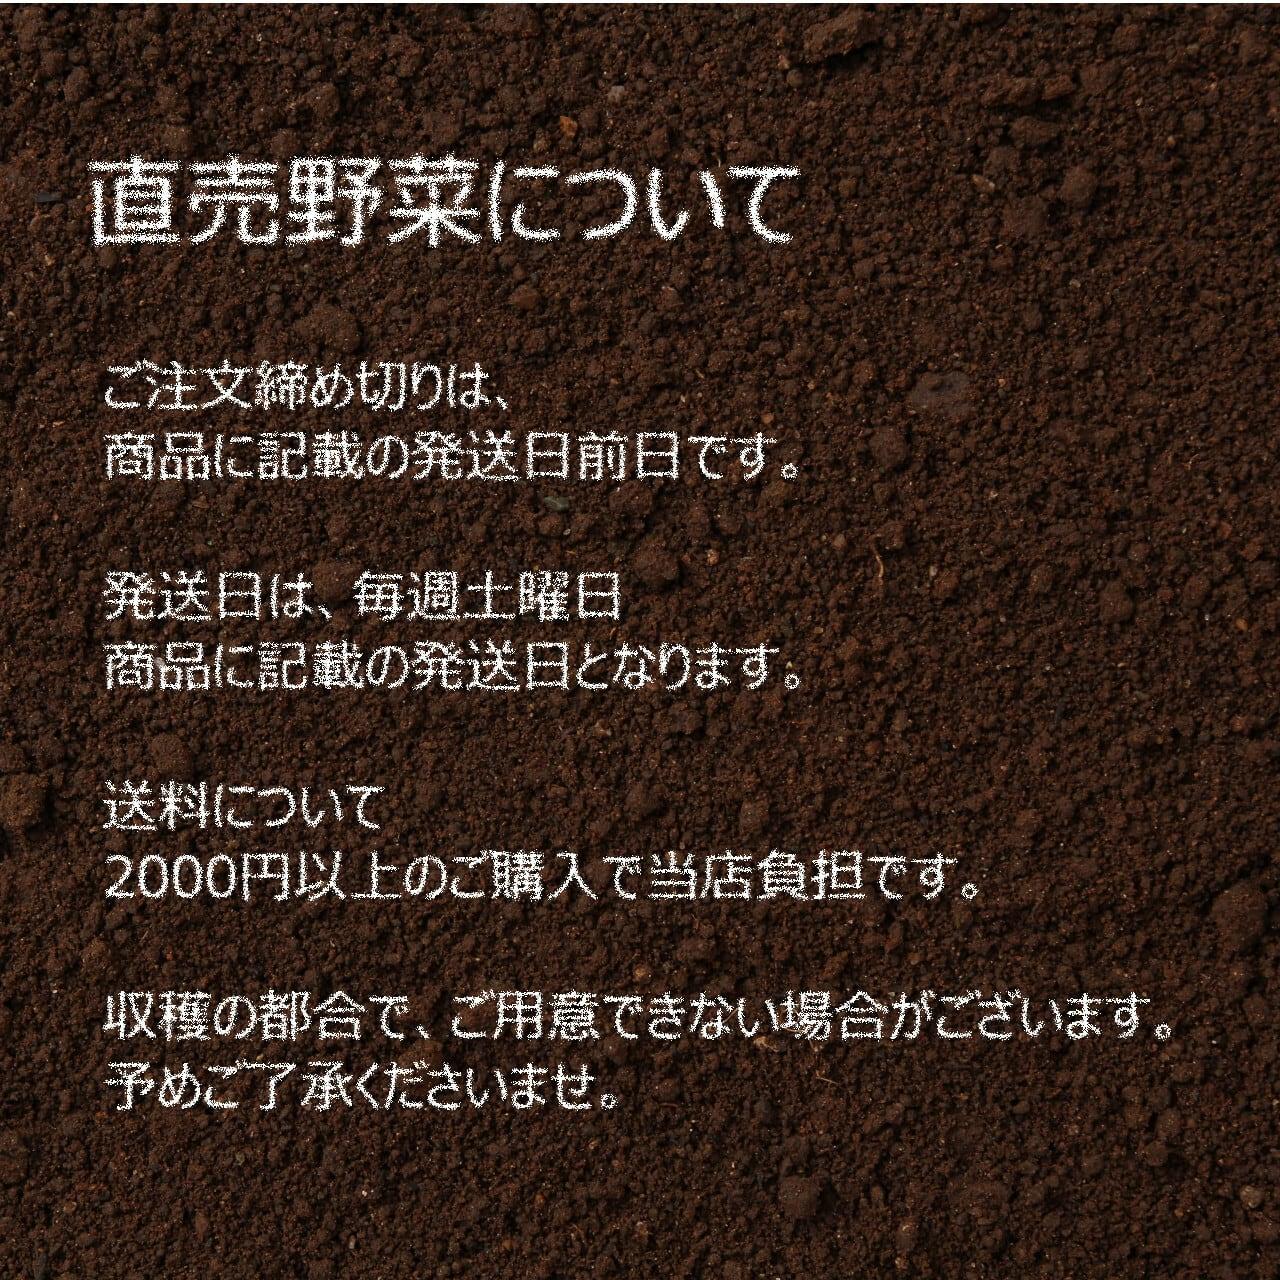 春の新鮮野菜 赤カブ 約10個前後 : 5月の朝採り直売野菜 5月29日発送予定